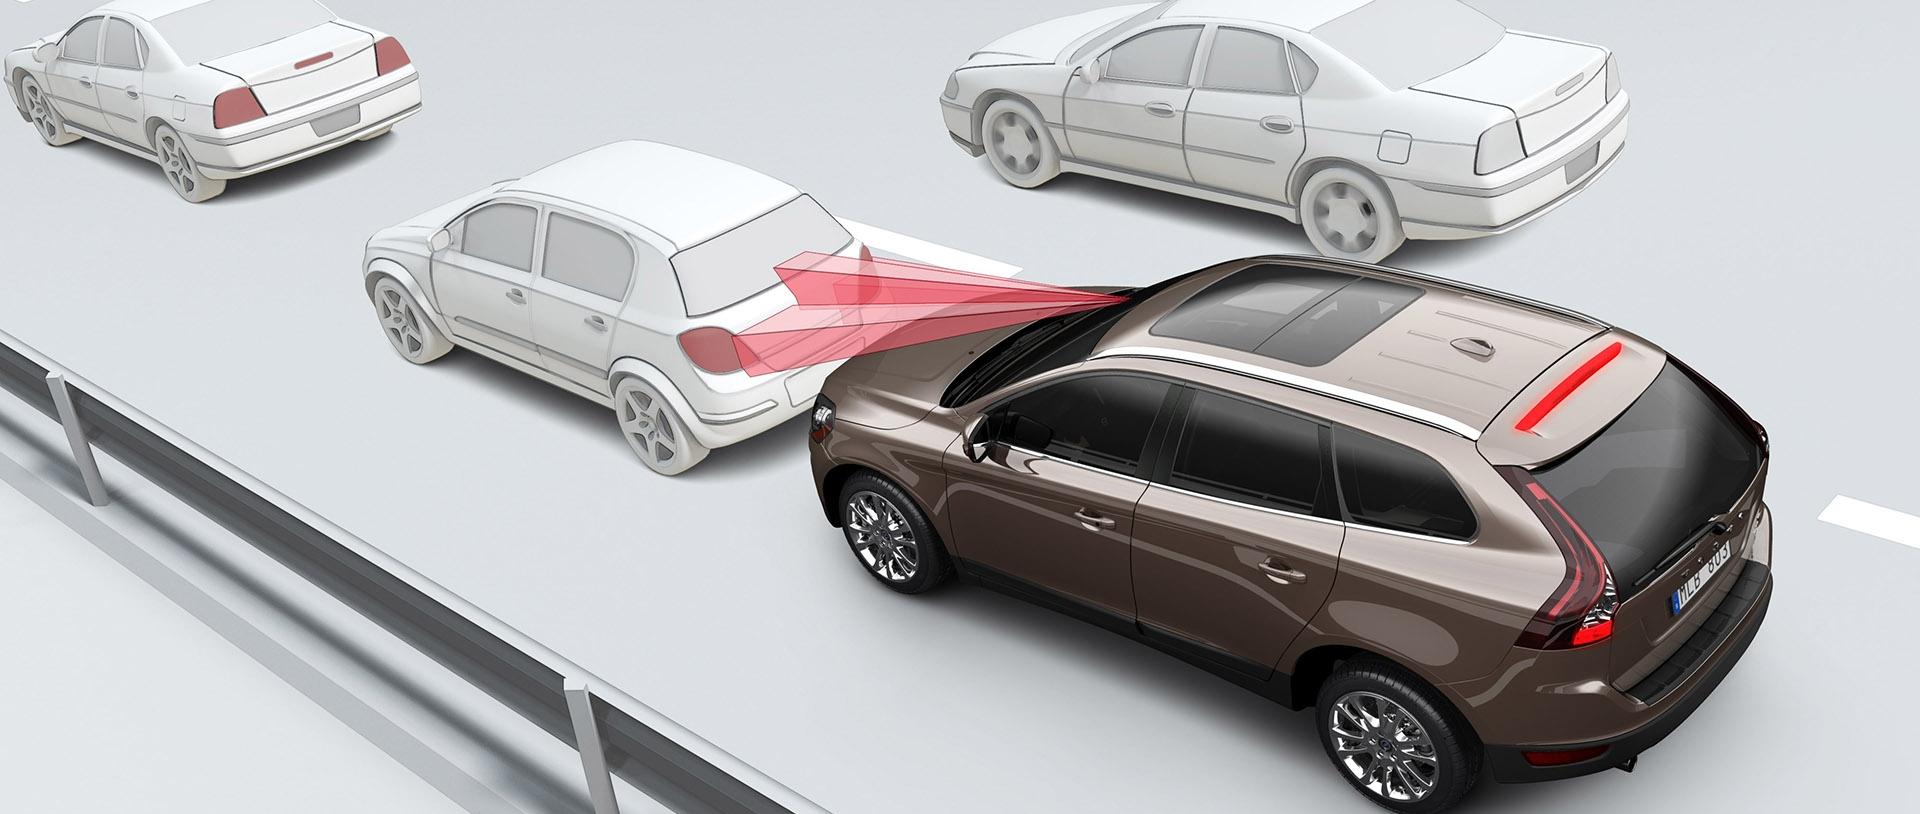 Khi mua xe ô tô, nên quan tâm những tính năng an toàn nào?